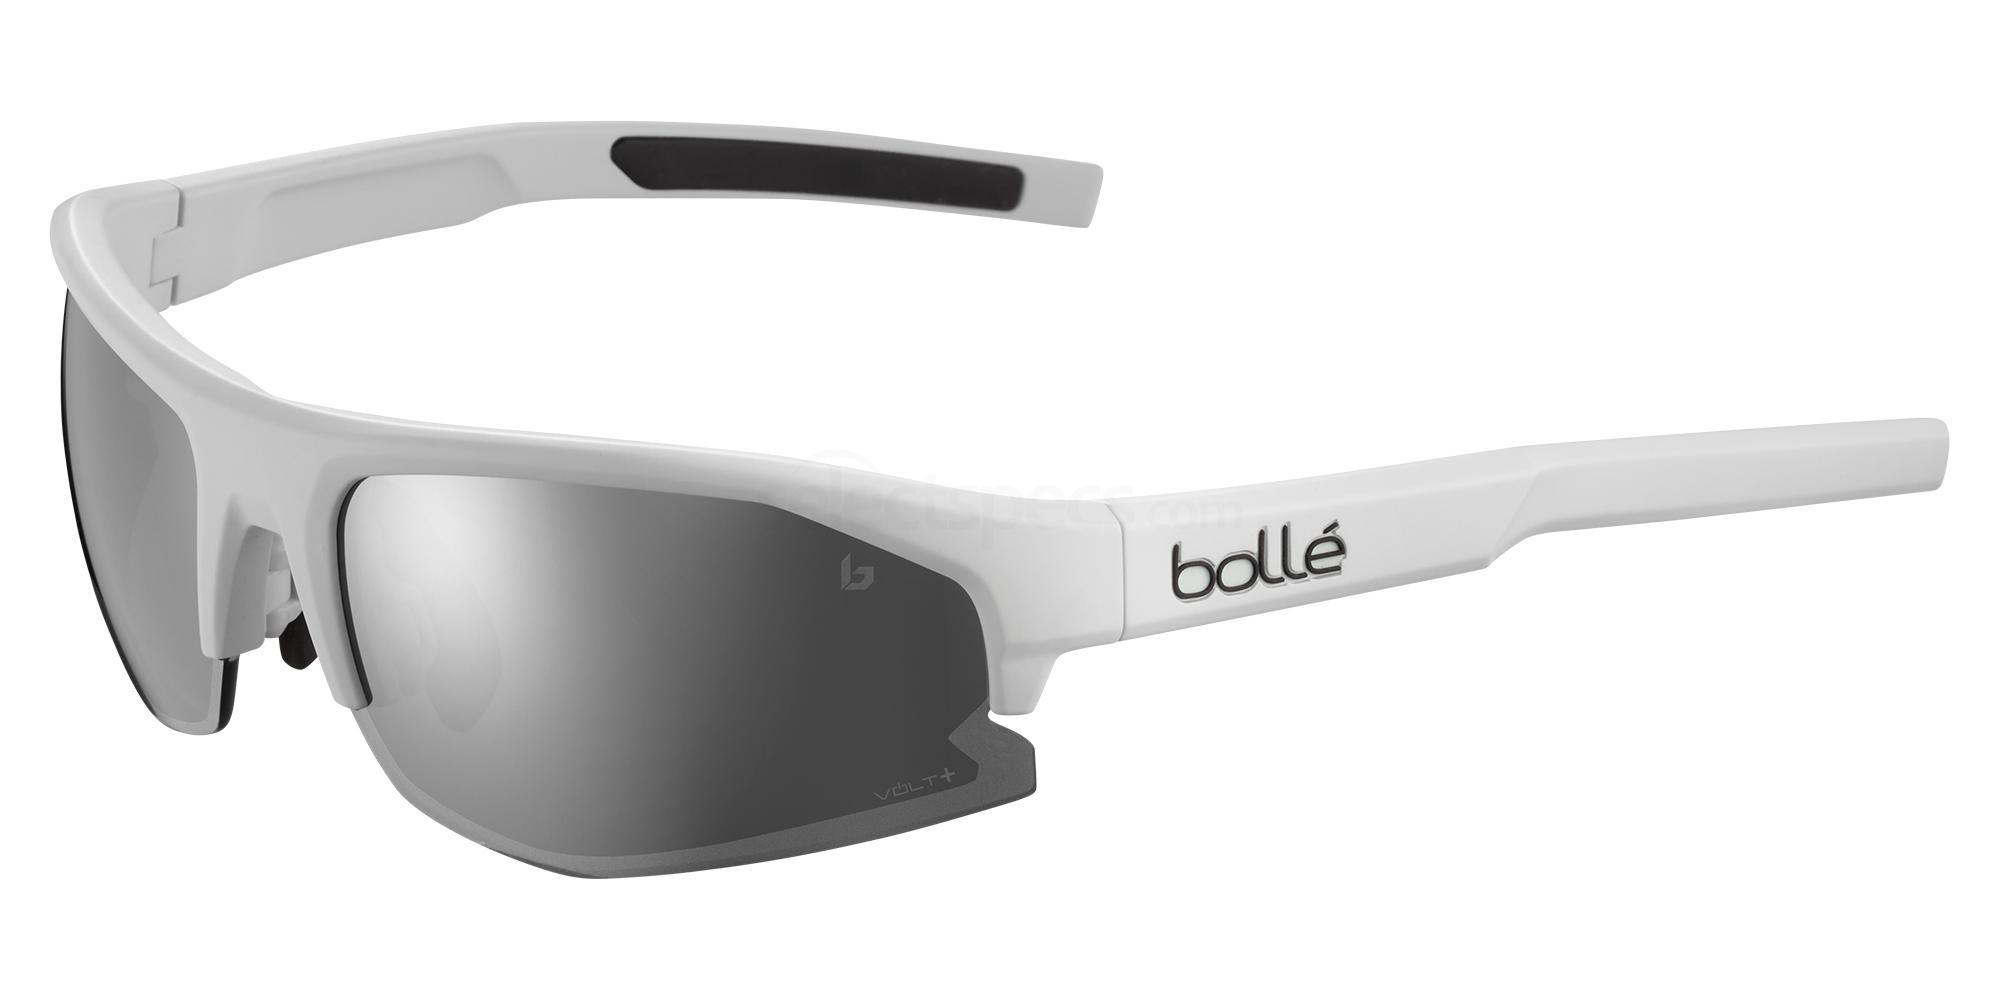 BS004001 BOLT 2.0 S Polarized Sunglasses, Bolle